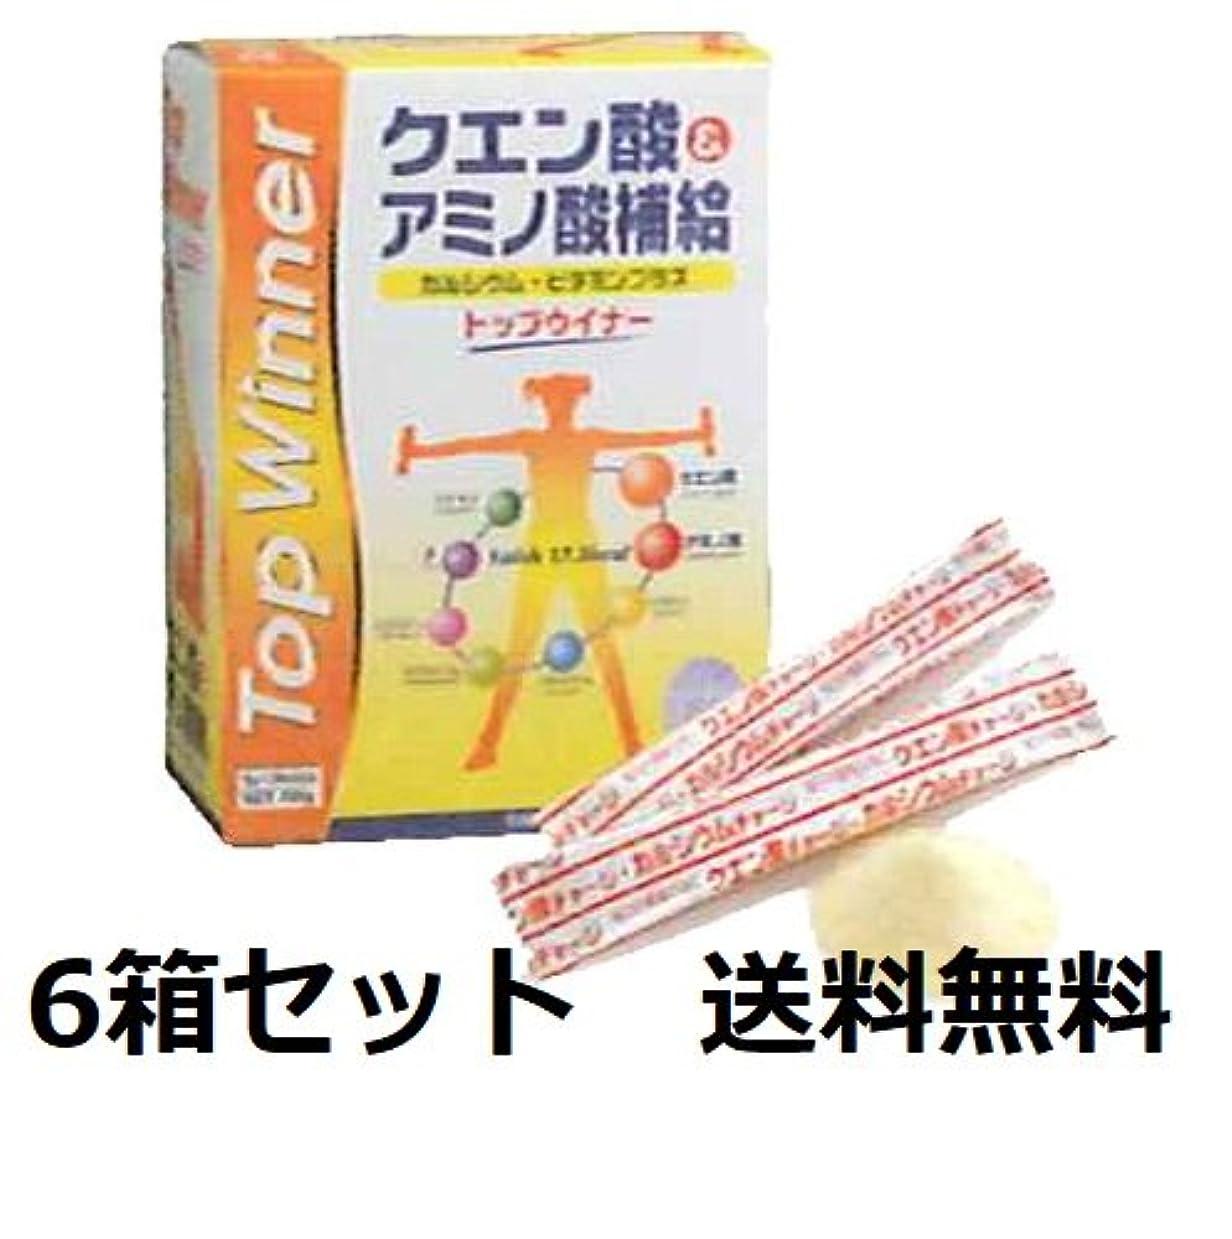 レルム遅滞常識トップウイナー 6箱セット アミノ酸?クエン酸飲料 5g×30本入(150g)×6箱